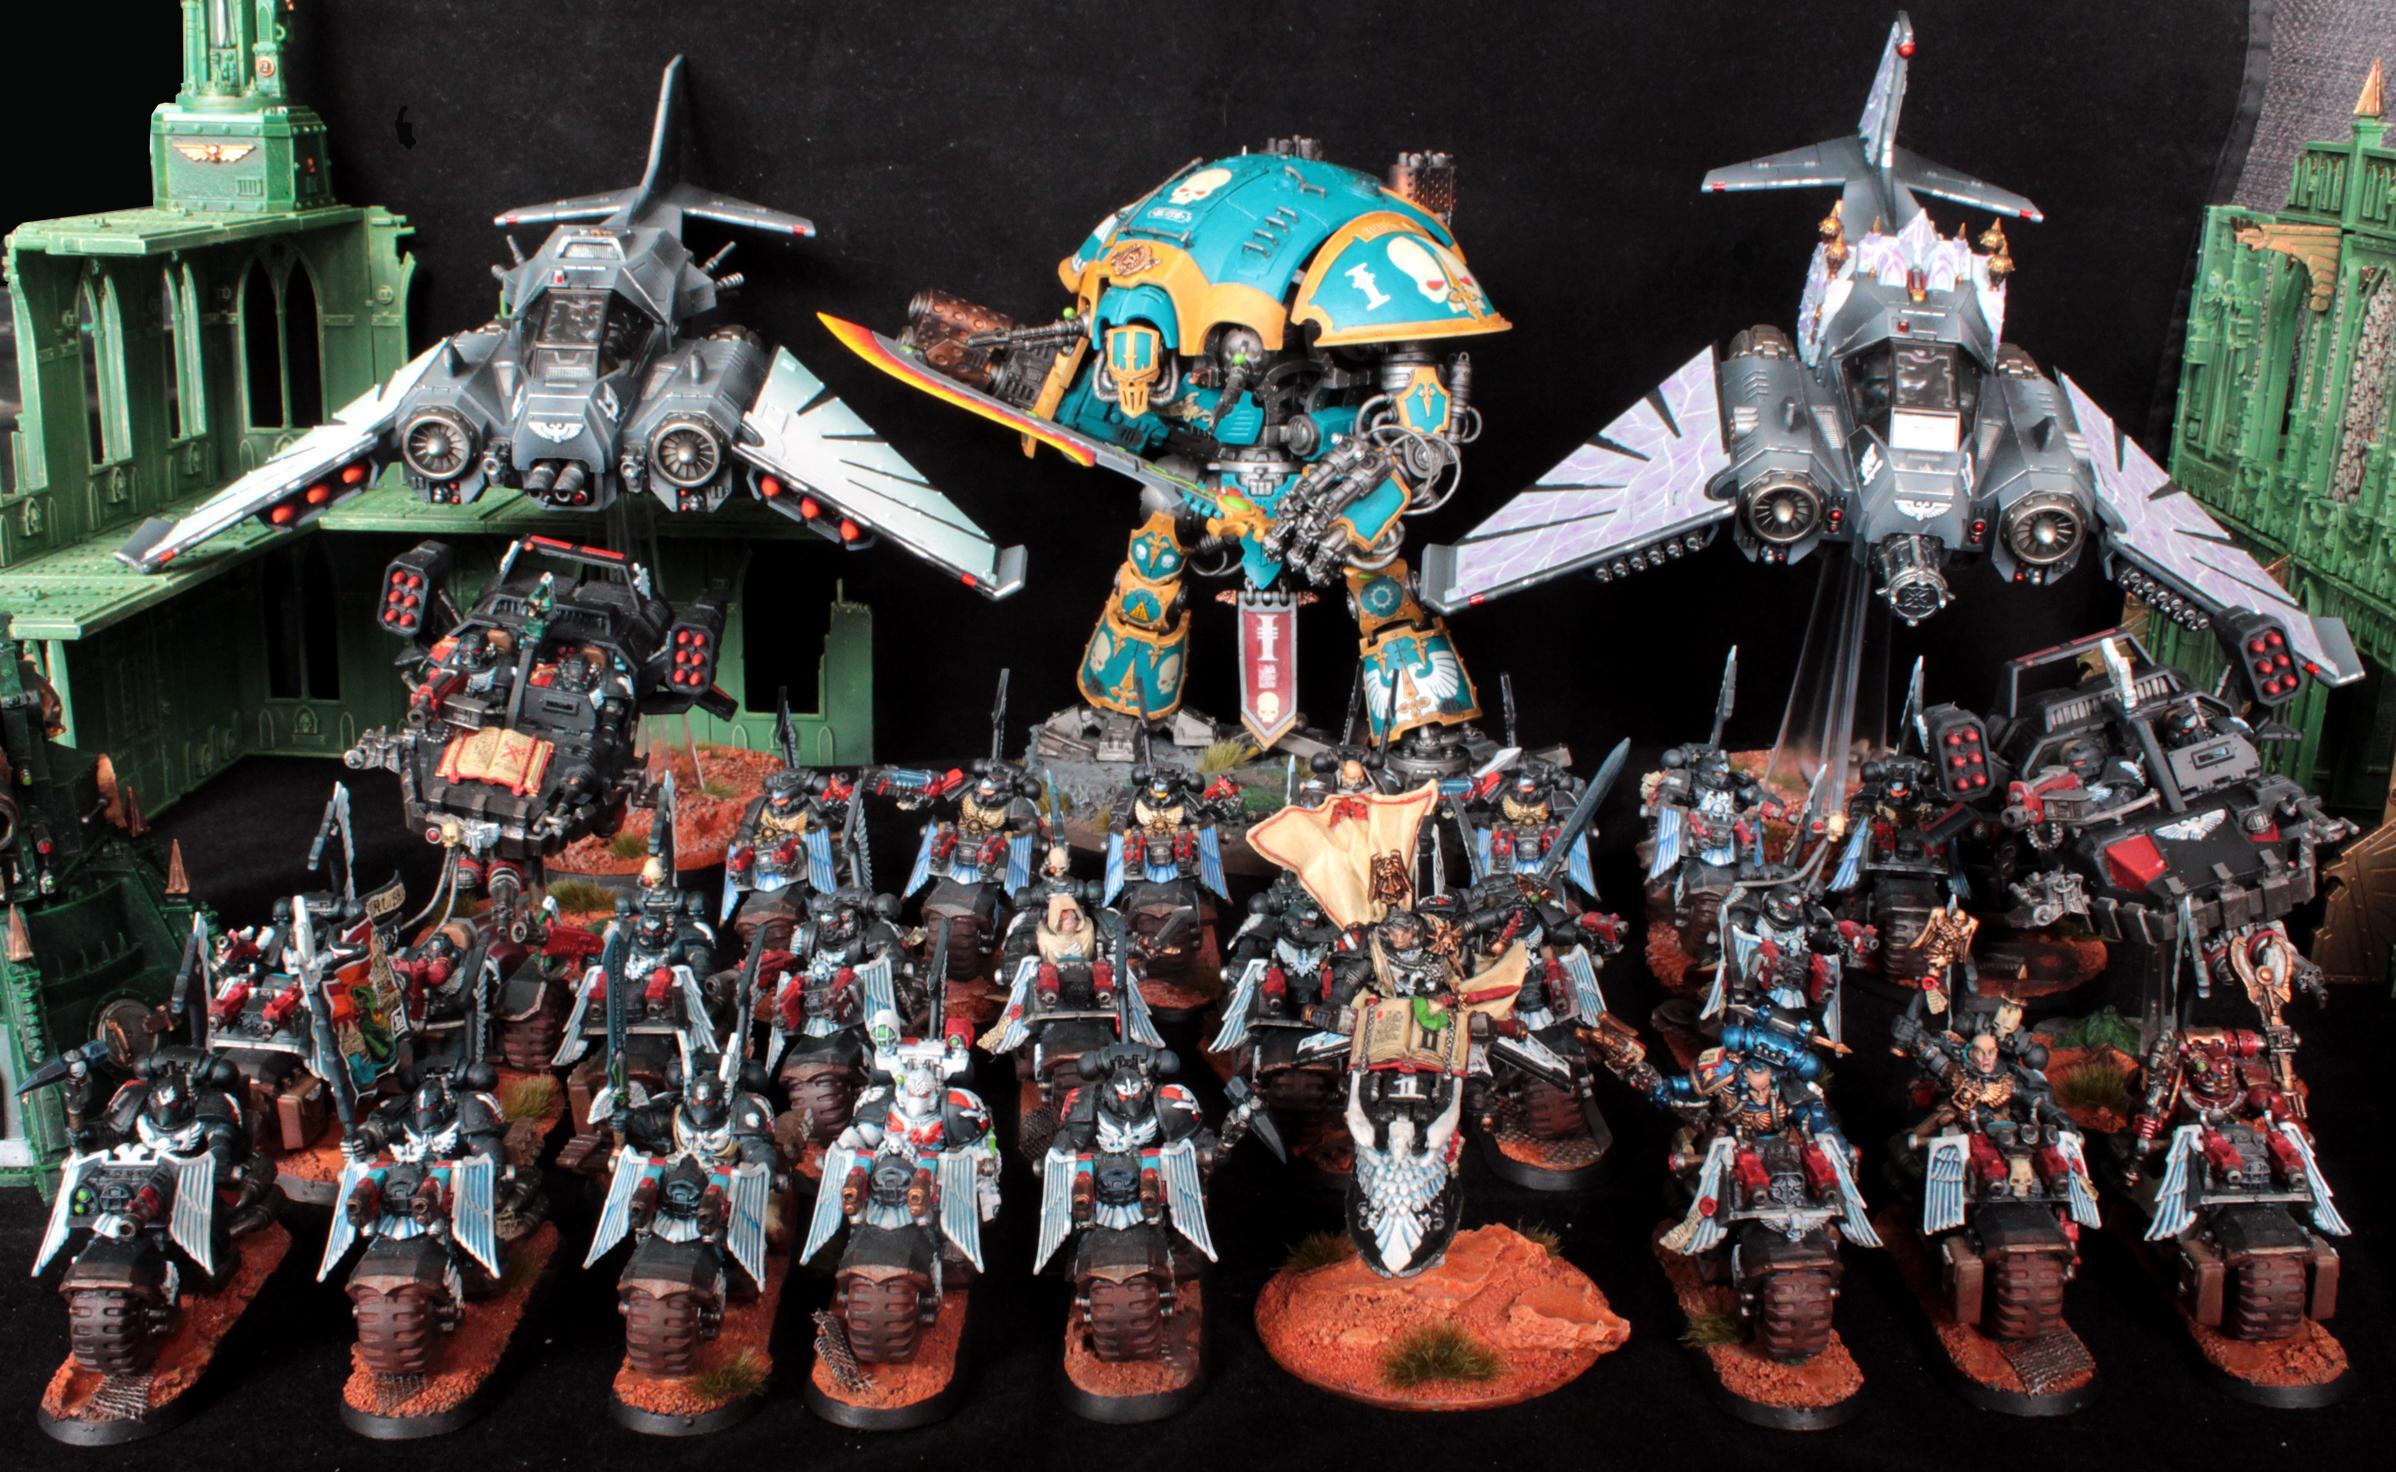 Angel, Arkaal, Attack Bike, Bike, Dark, Flyer, Knights, Land, Nephilim, Ravenwing, Sammael, Space, Space Marines, Speeder, Talon, Warhammer 40,000, Warhammer Fantasy